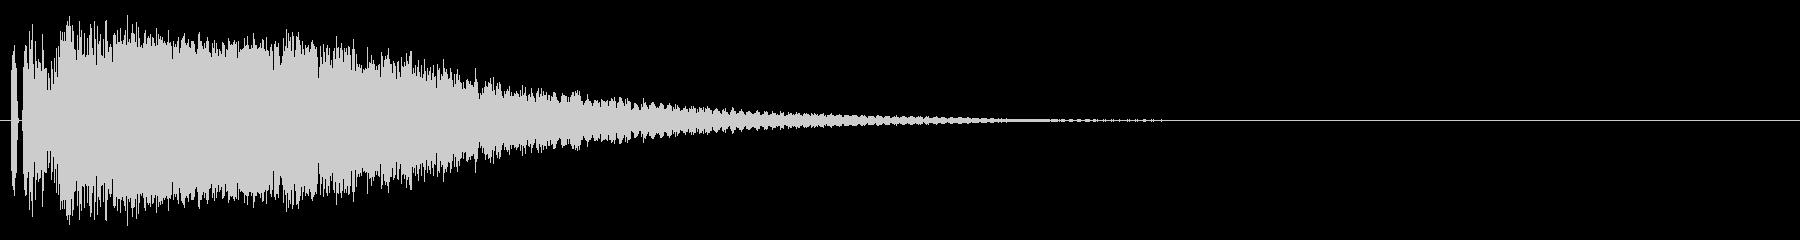 シャキーン♪星,回復,特殊魔法に最適05の未再生の波形